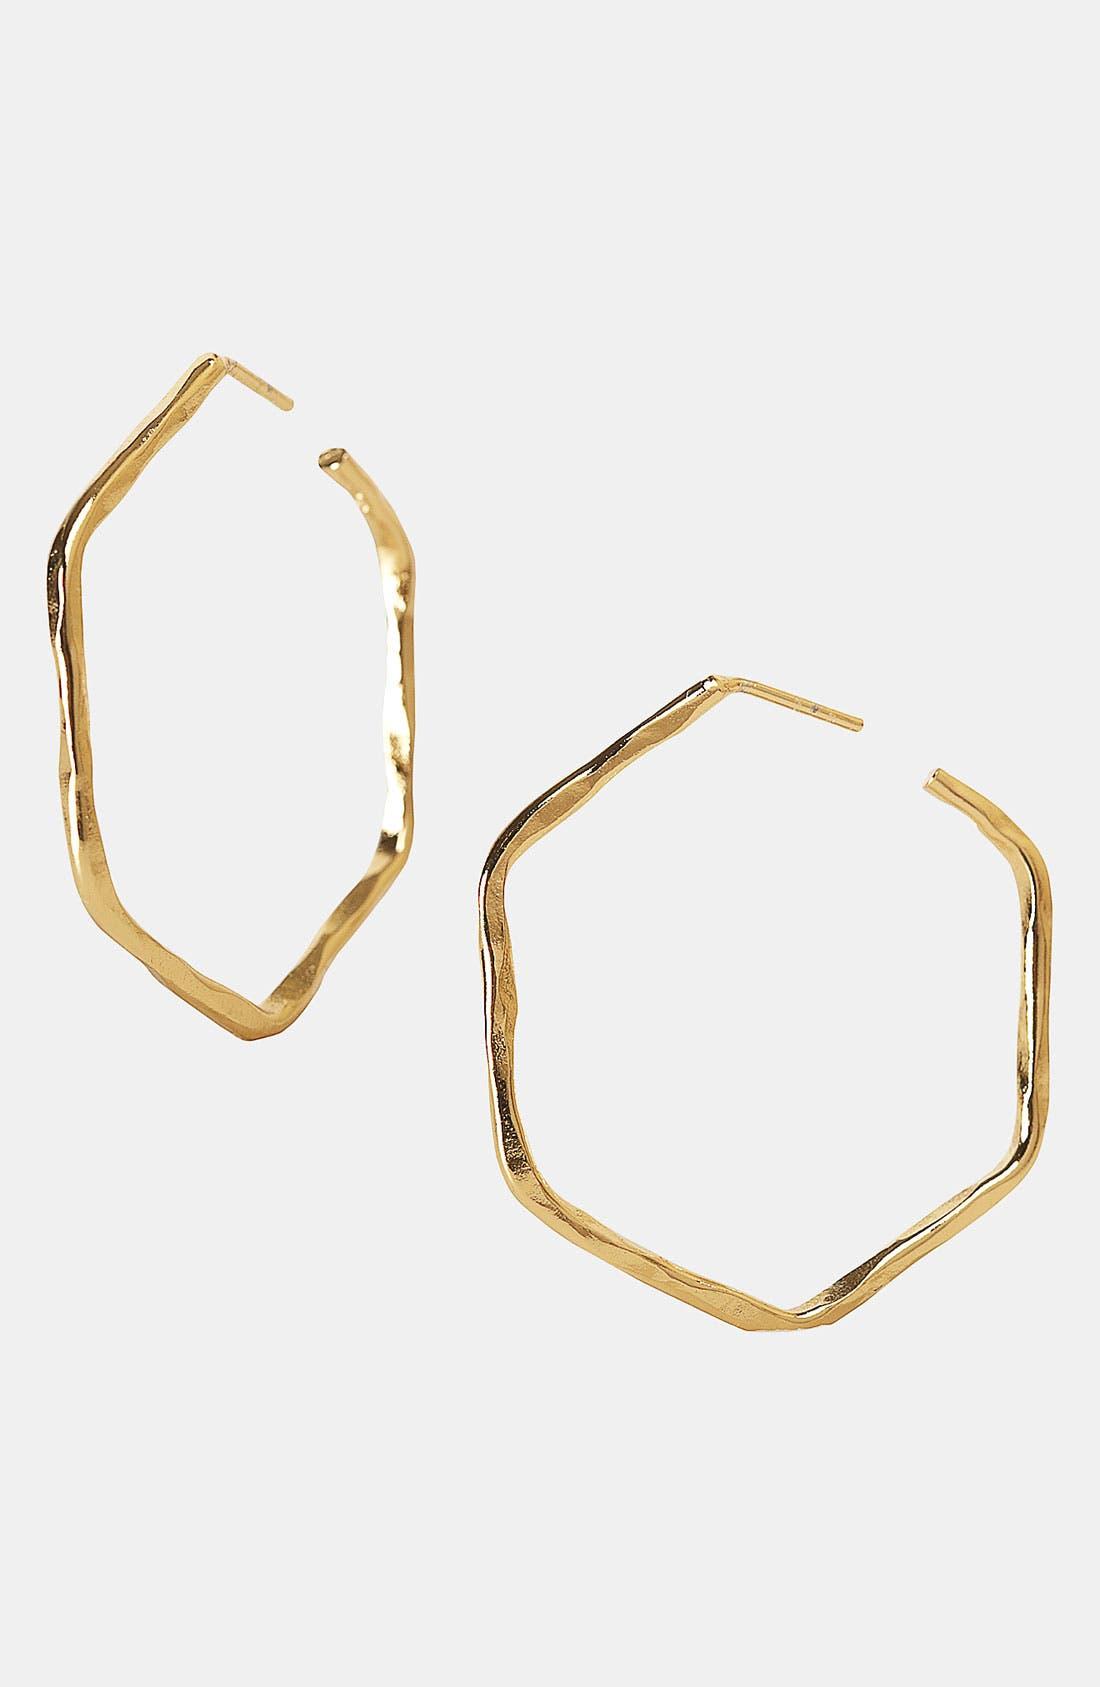 Alternate Image 1 Selected - Argento Vivo Hammered Geometric Hoop Earrings